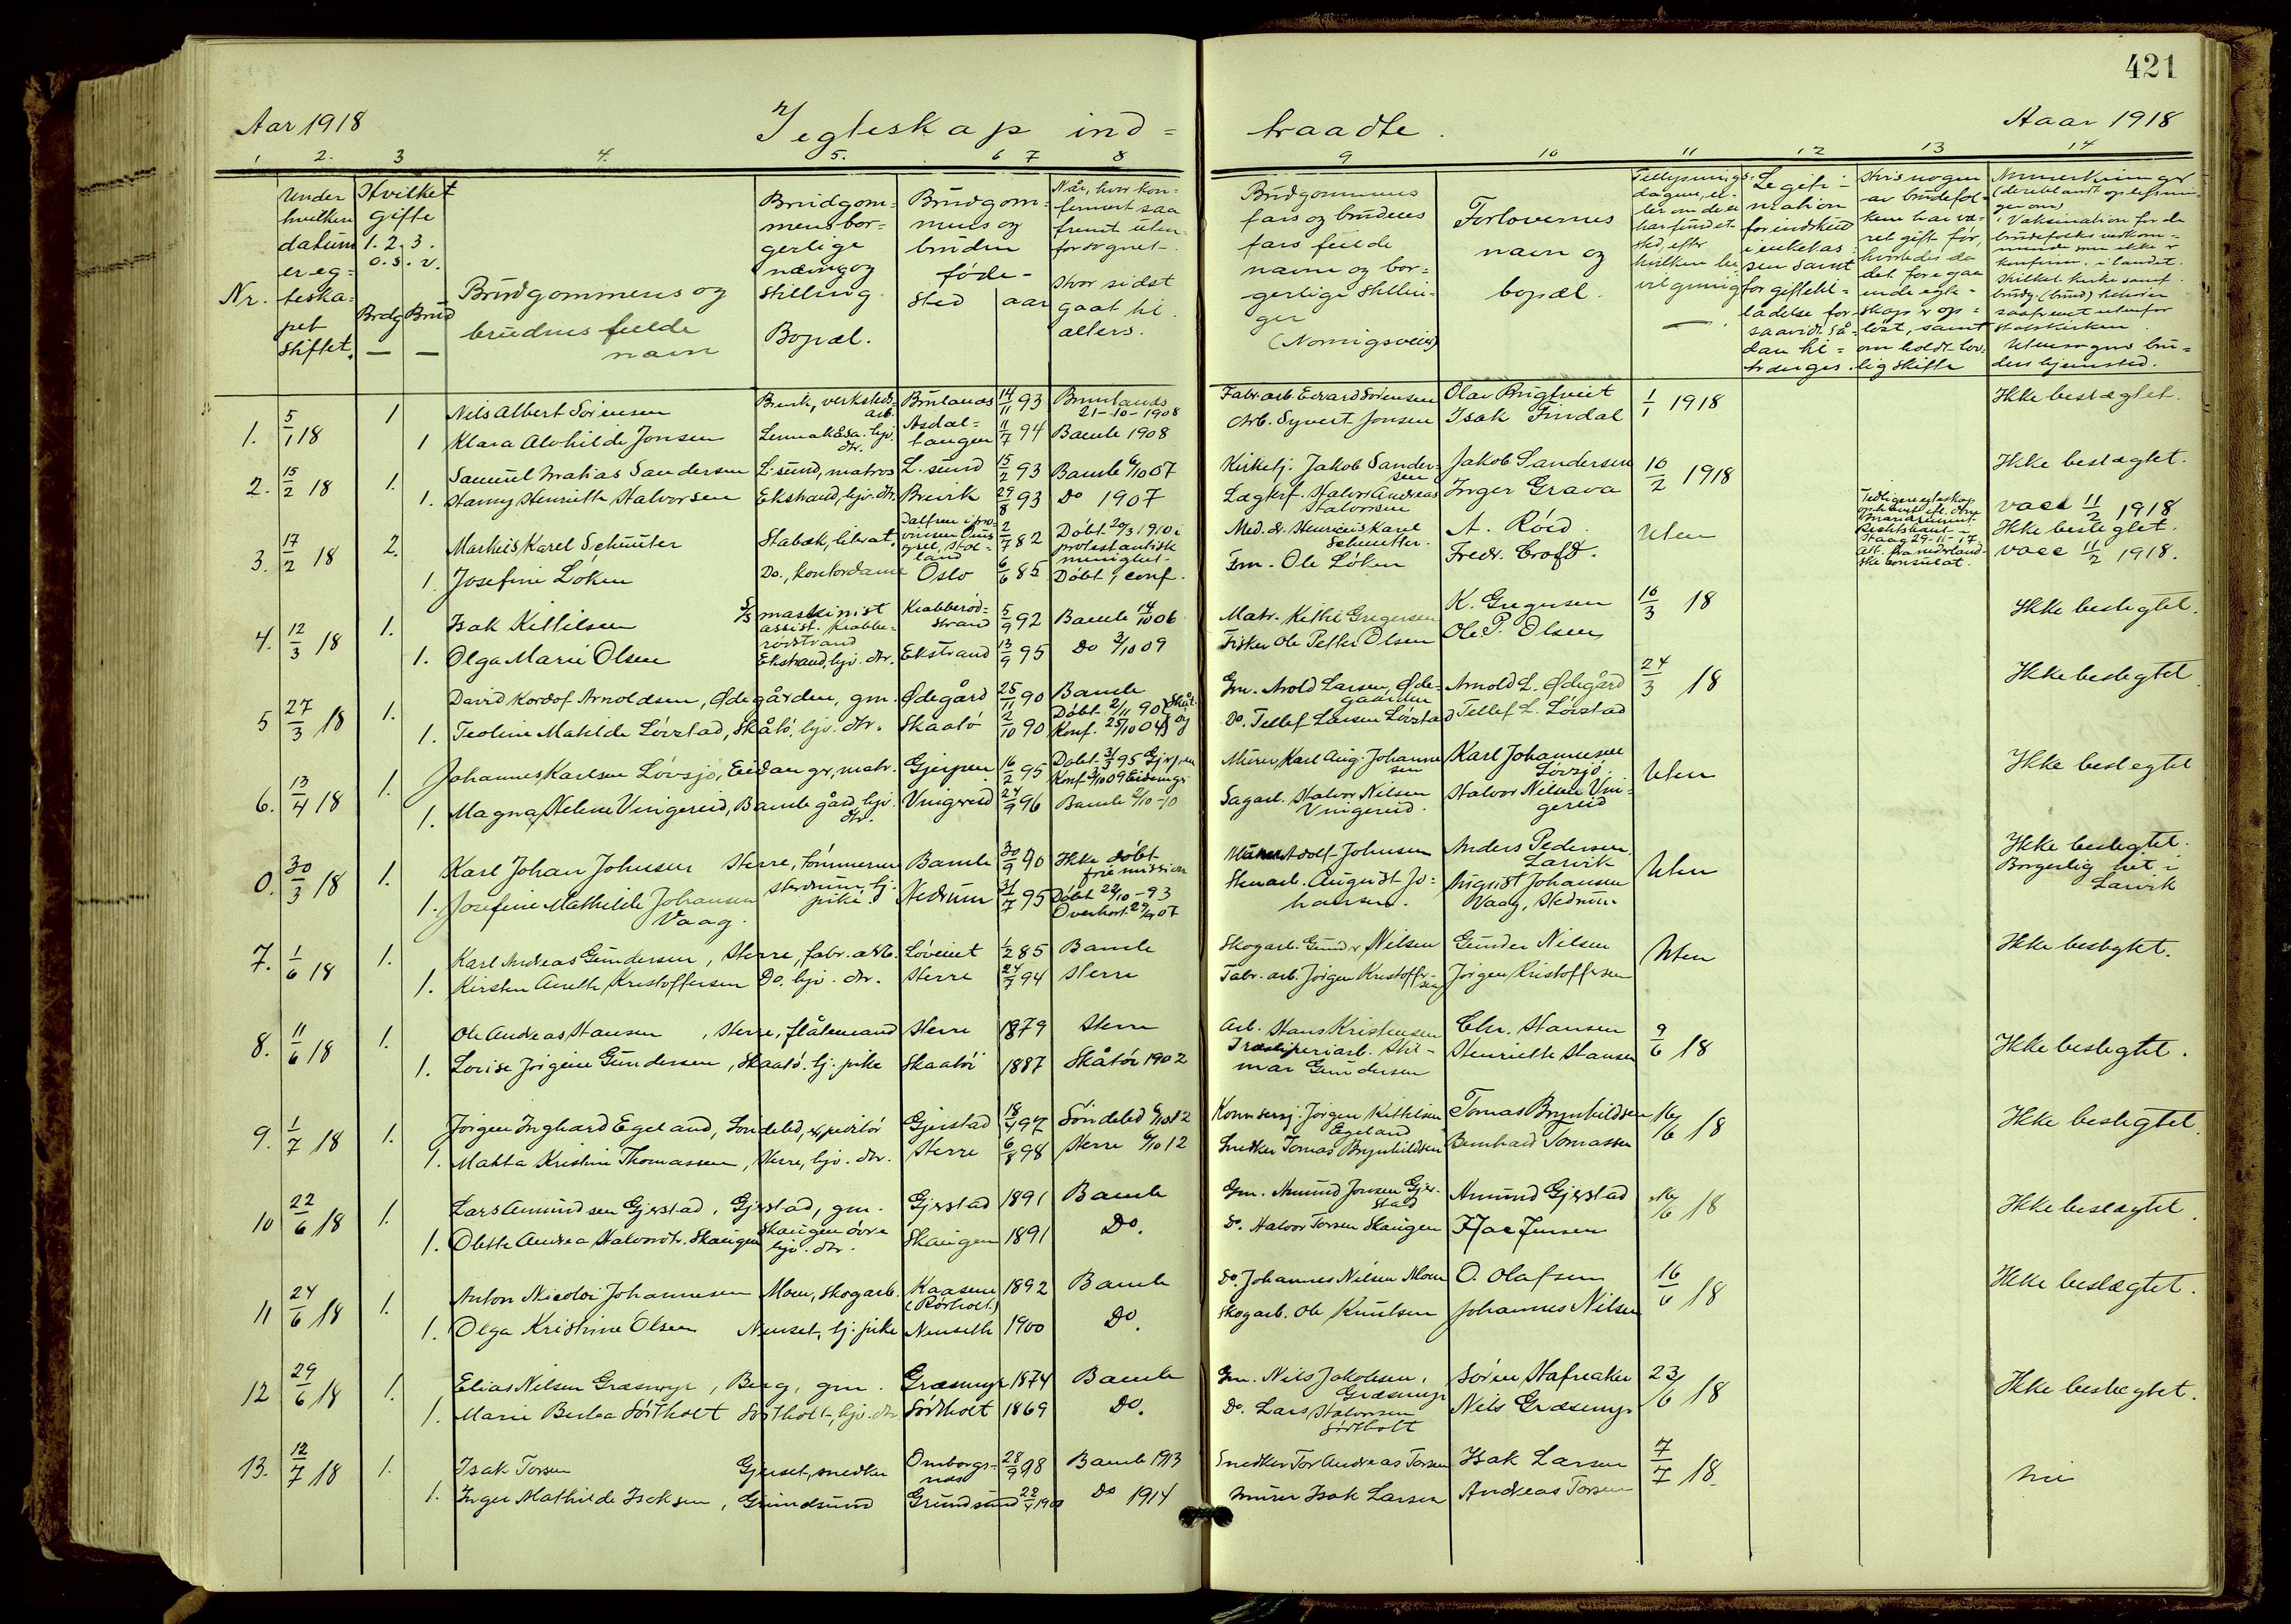 SAKO, Bamble kirkebøker, G/Ga/L0010: Klokkerbok nr. I 10, 1901-1919, s. 421